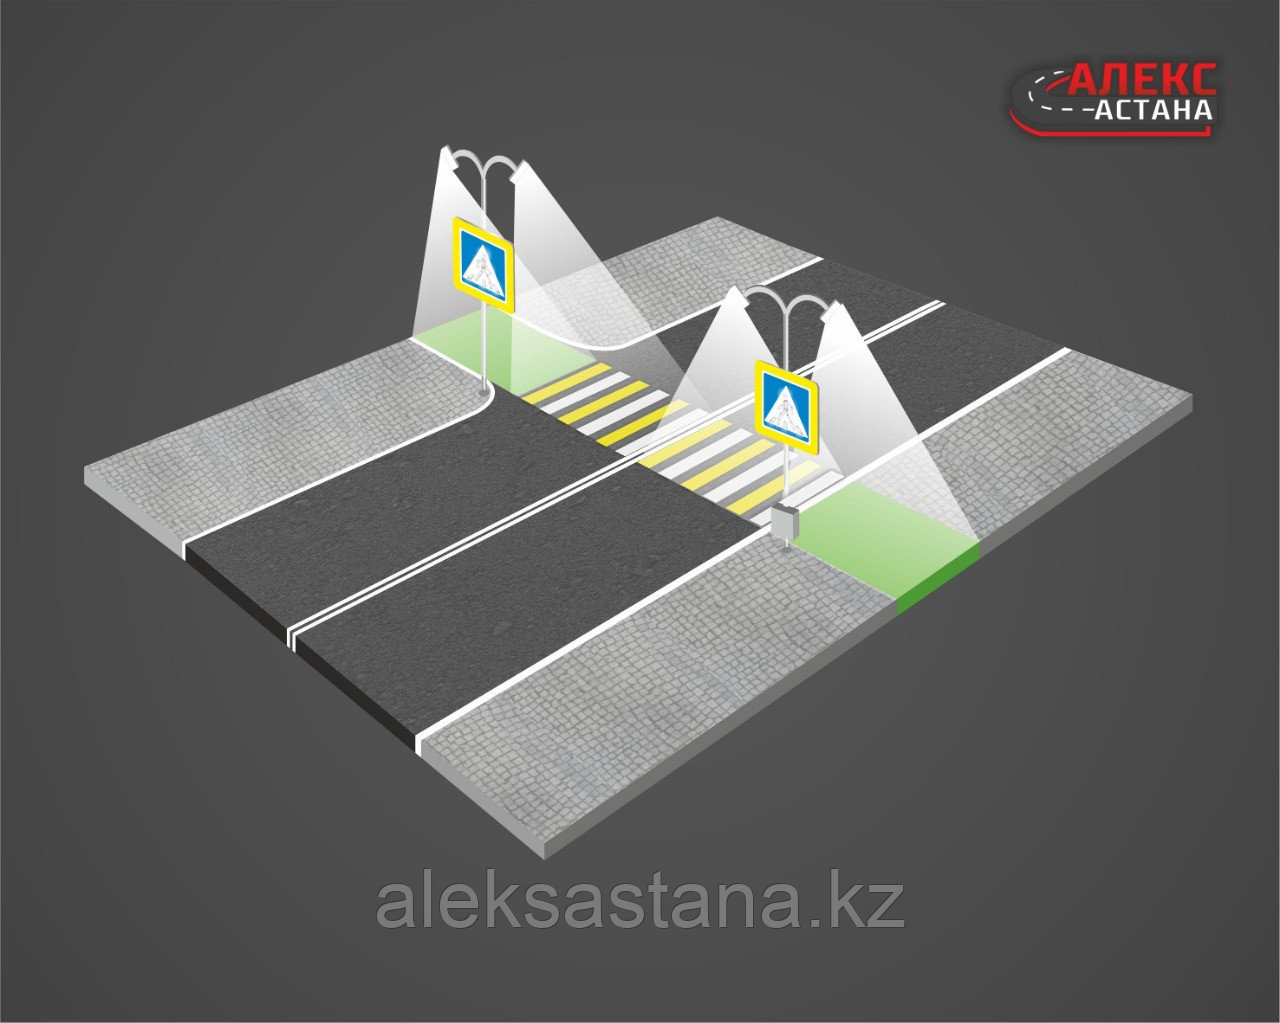 Лазерная проекция дорожной разметки пешеходных переходов со светодиодными дорожными знаками